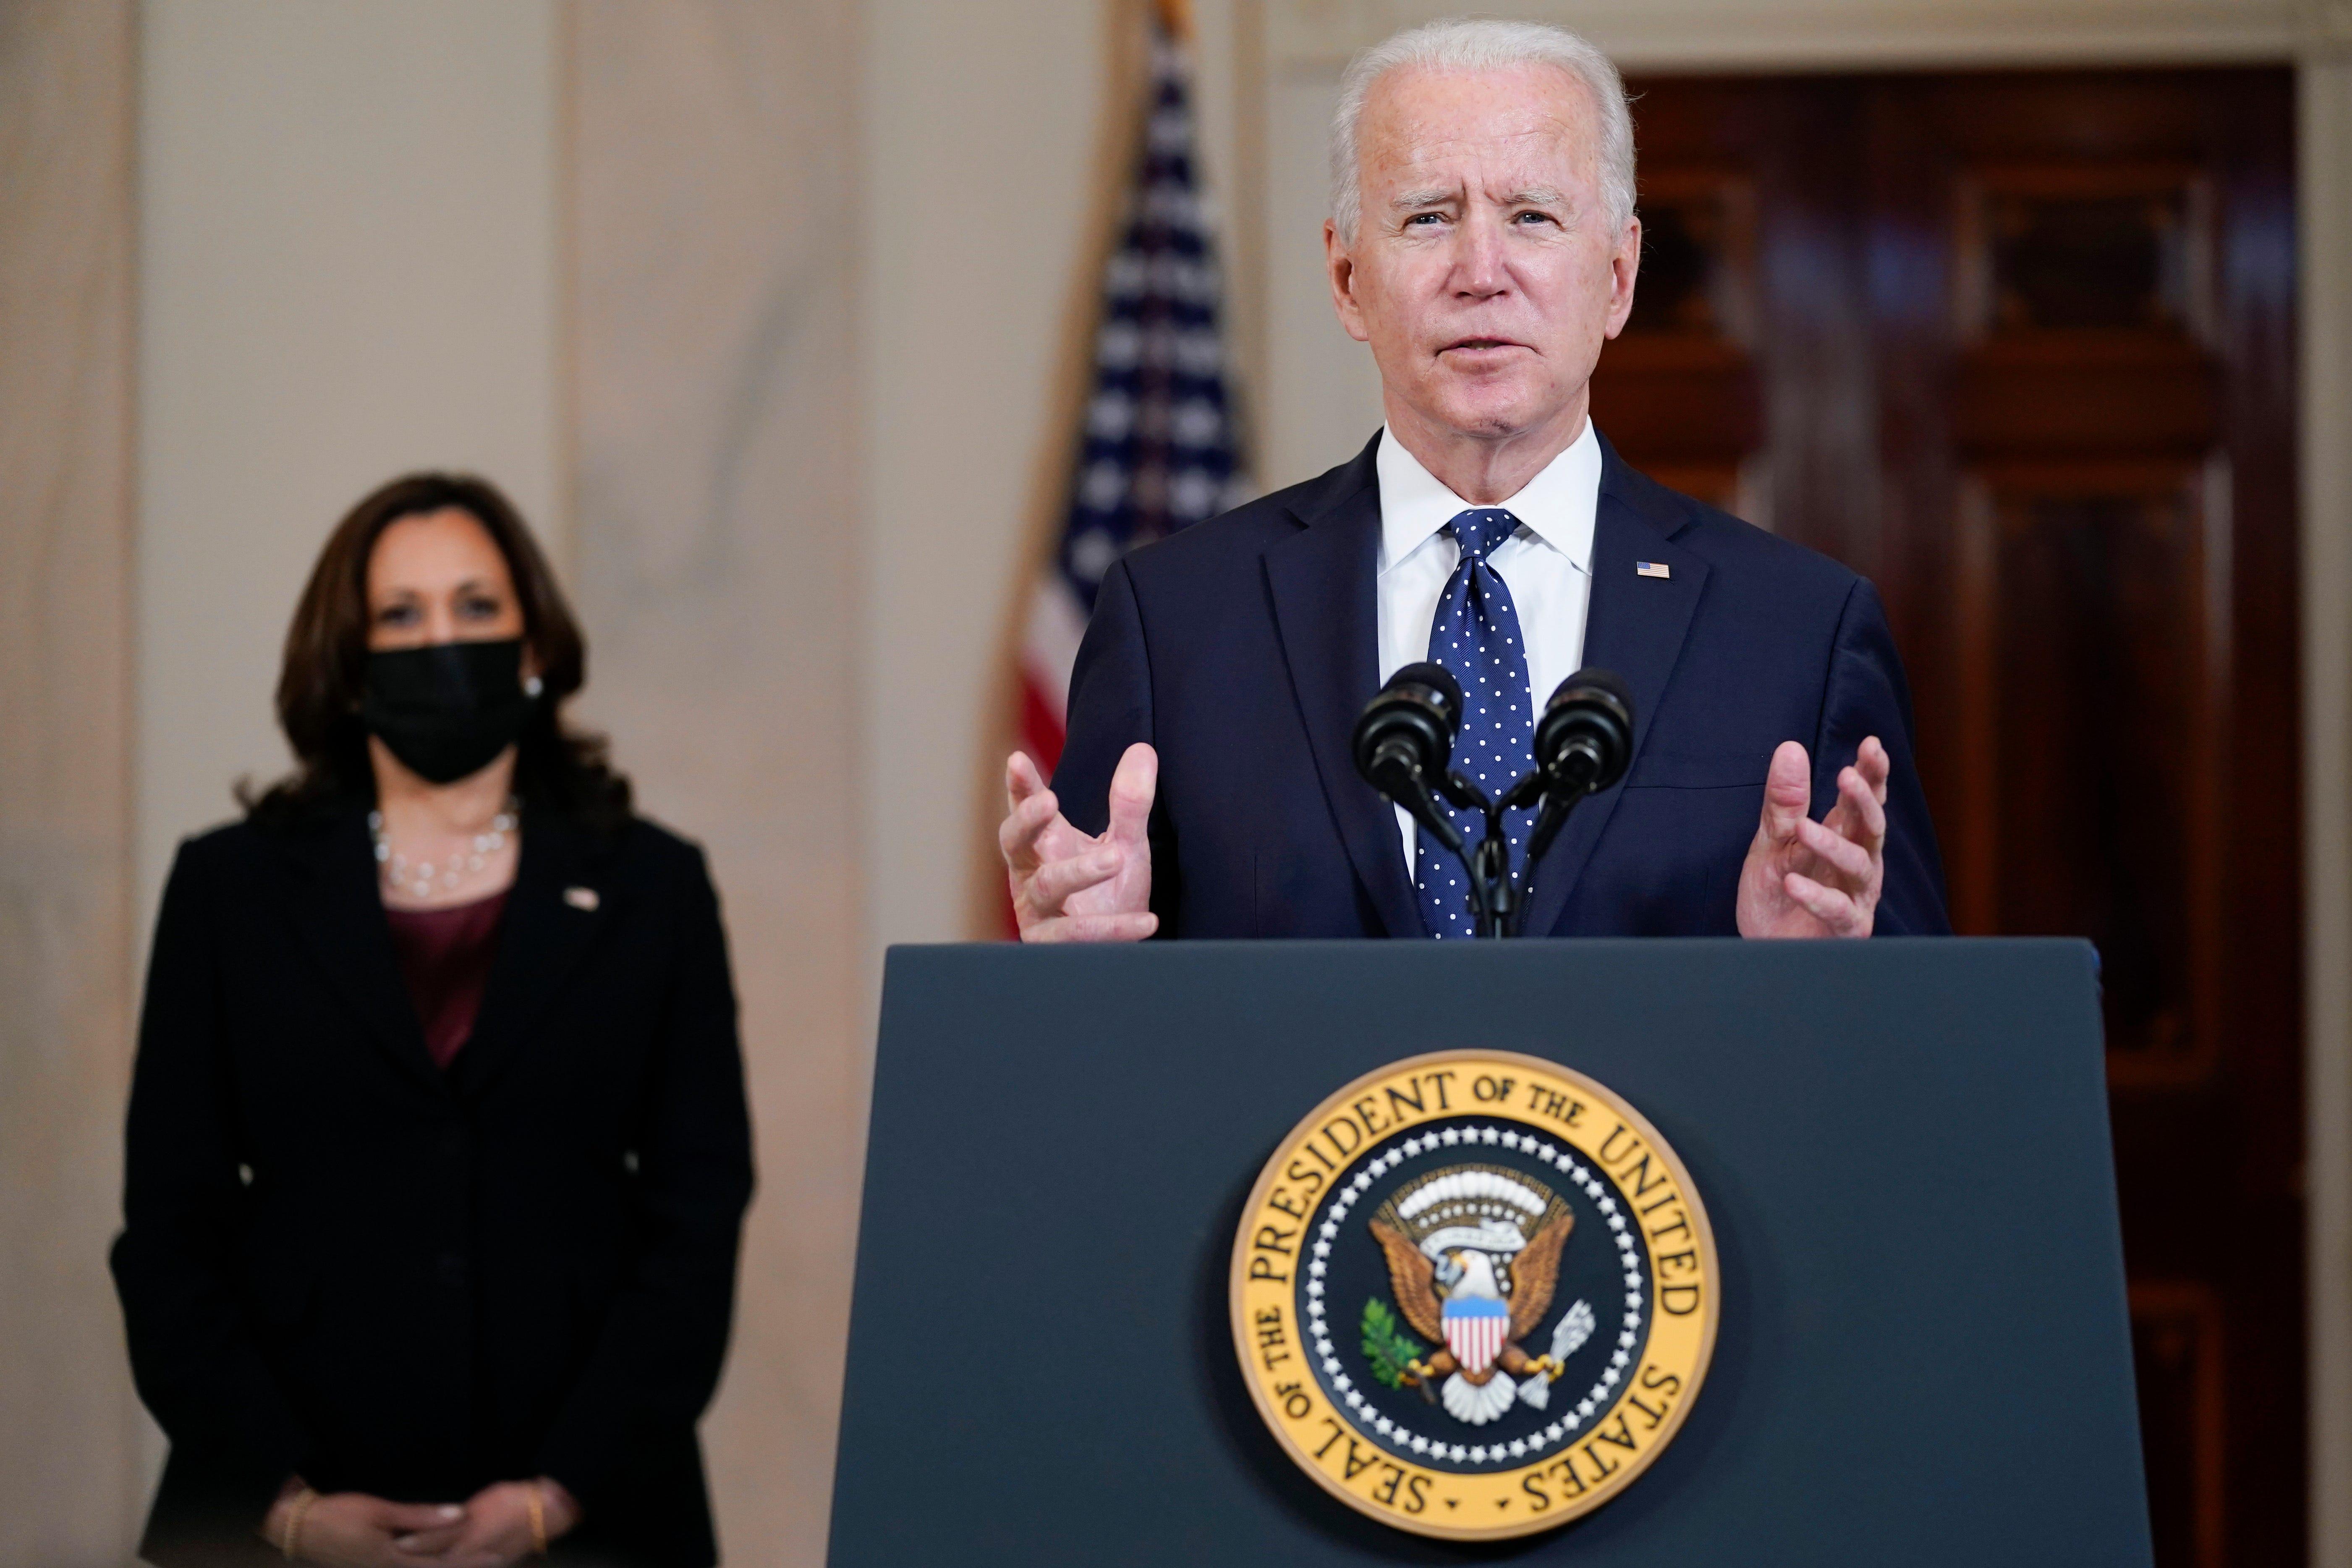 Biden after Floyd verdict: 'We can't stop here' 1